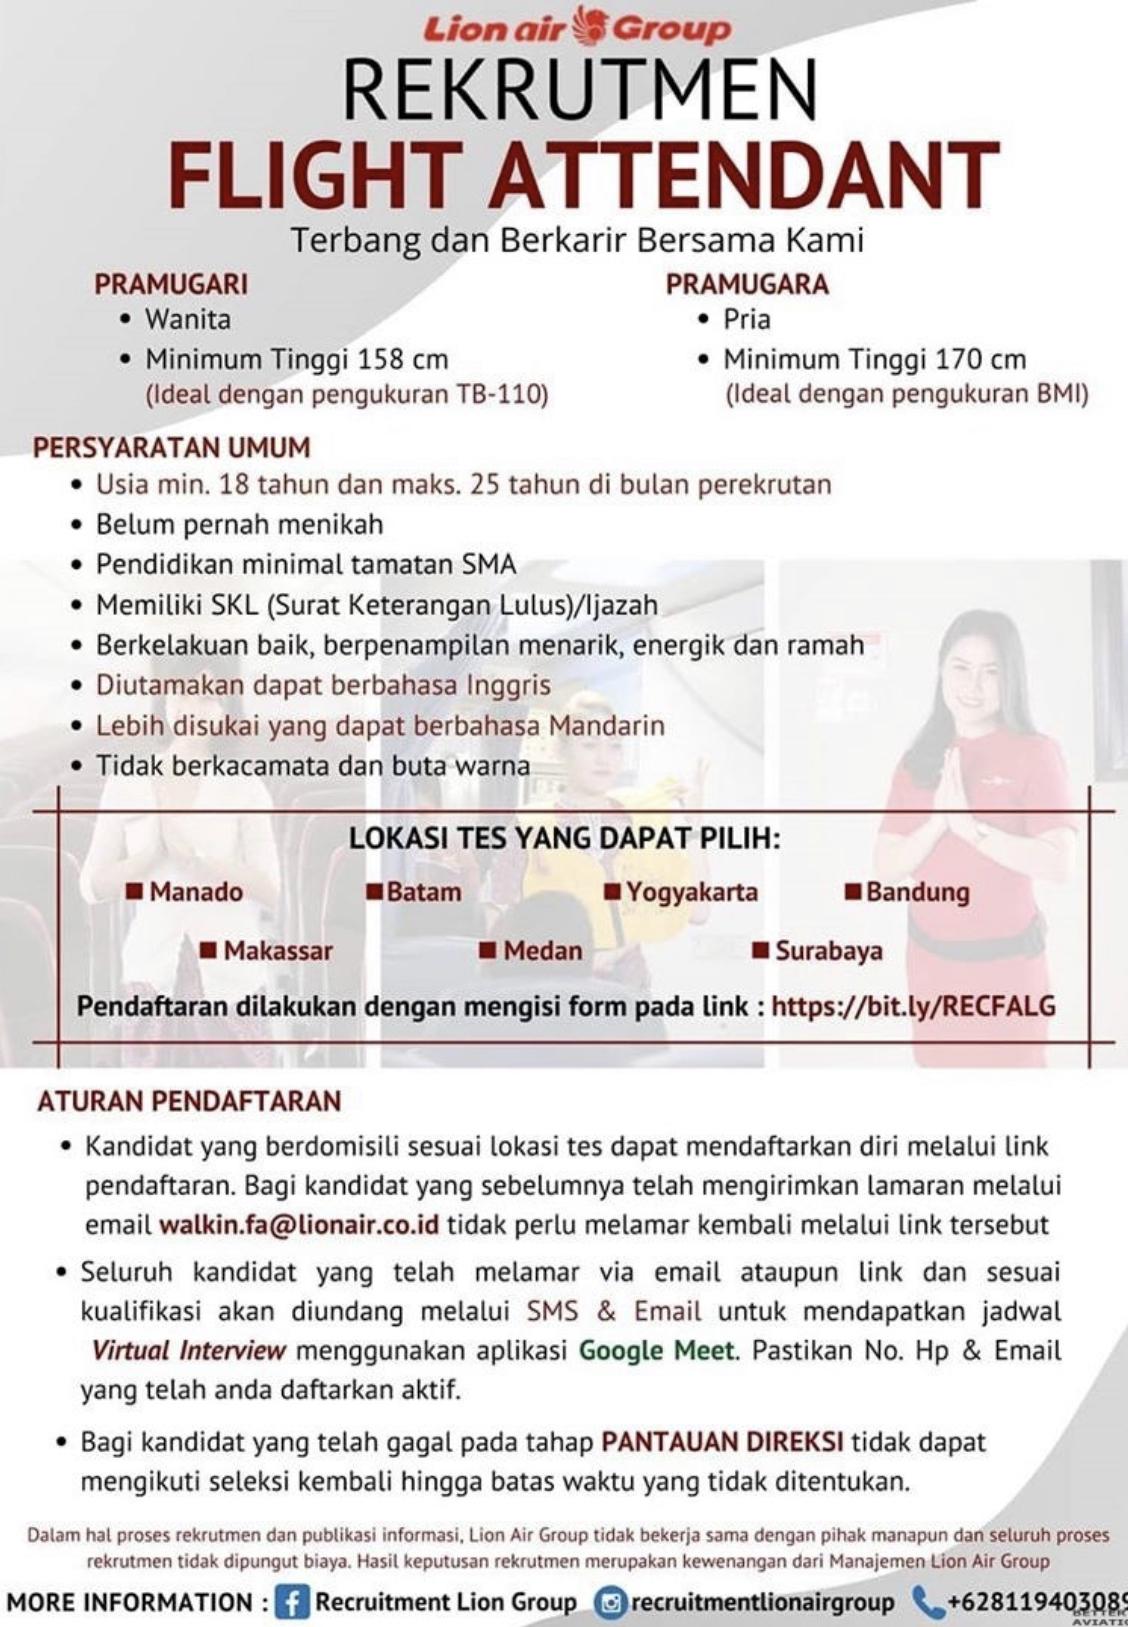 Lion Air Flight Attendant Recruitment-Jul 2020